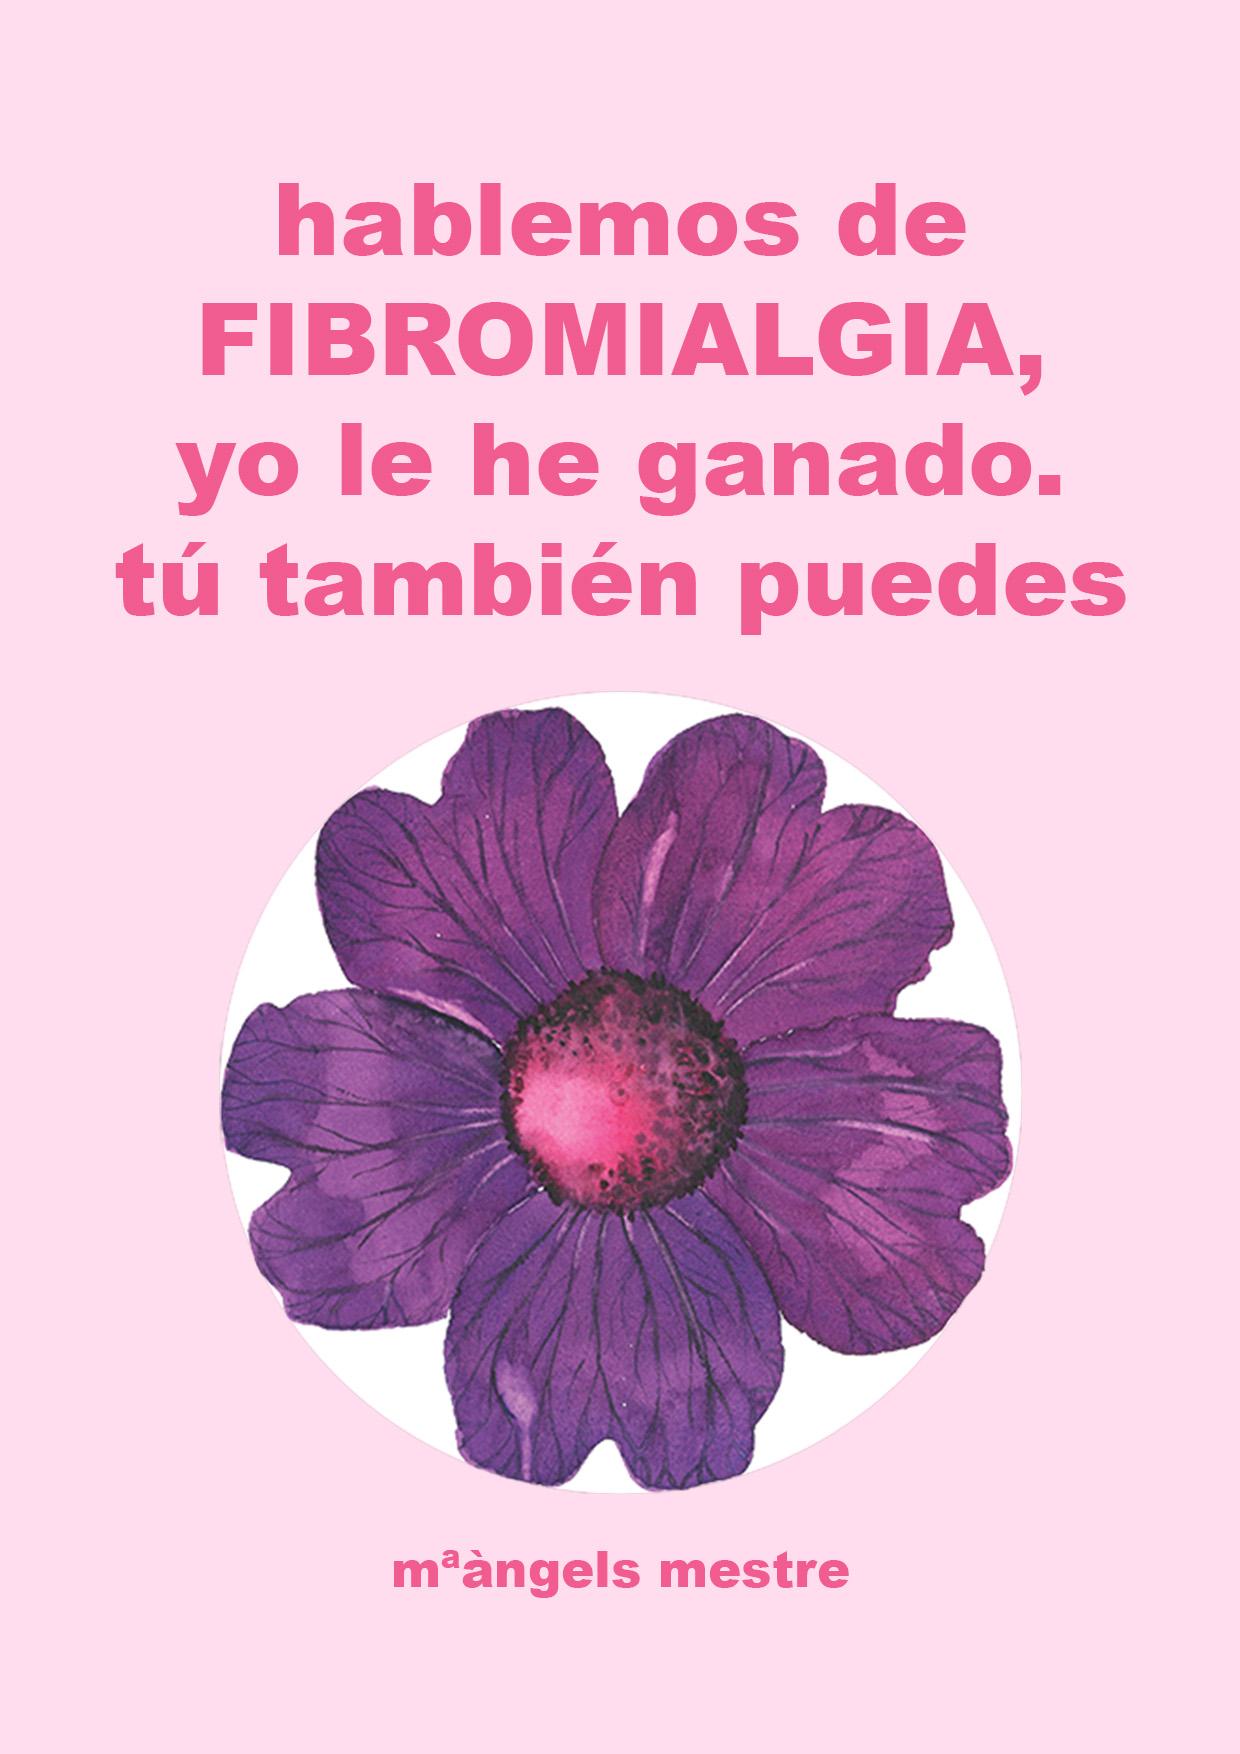 Hablemos de fibromialgia